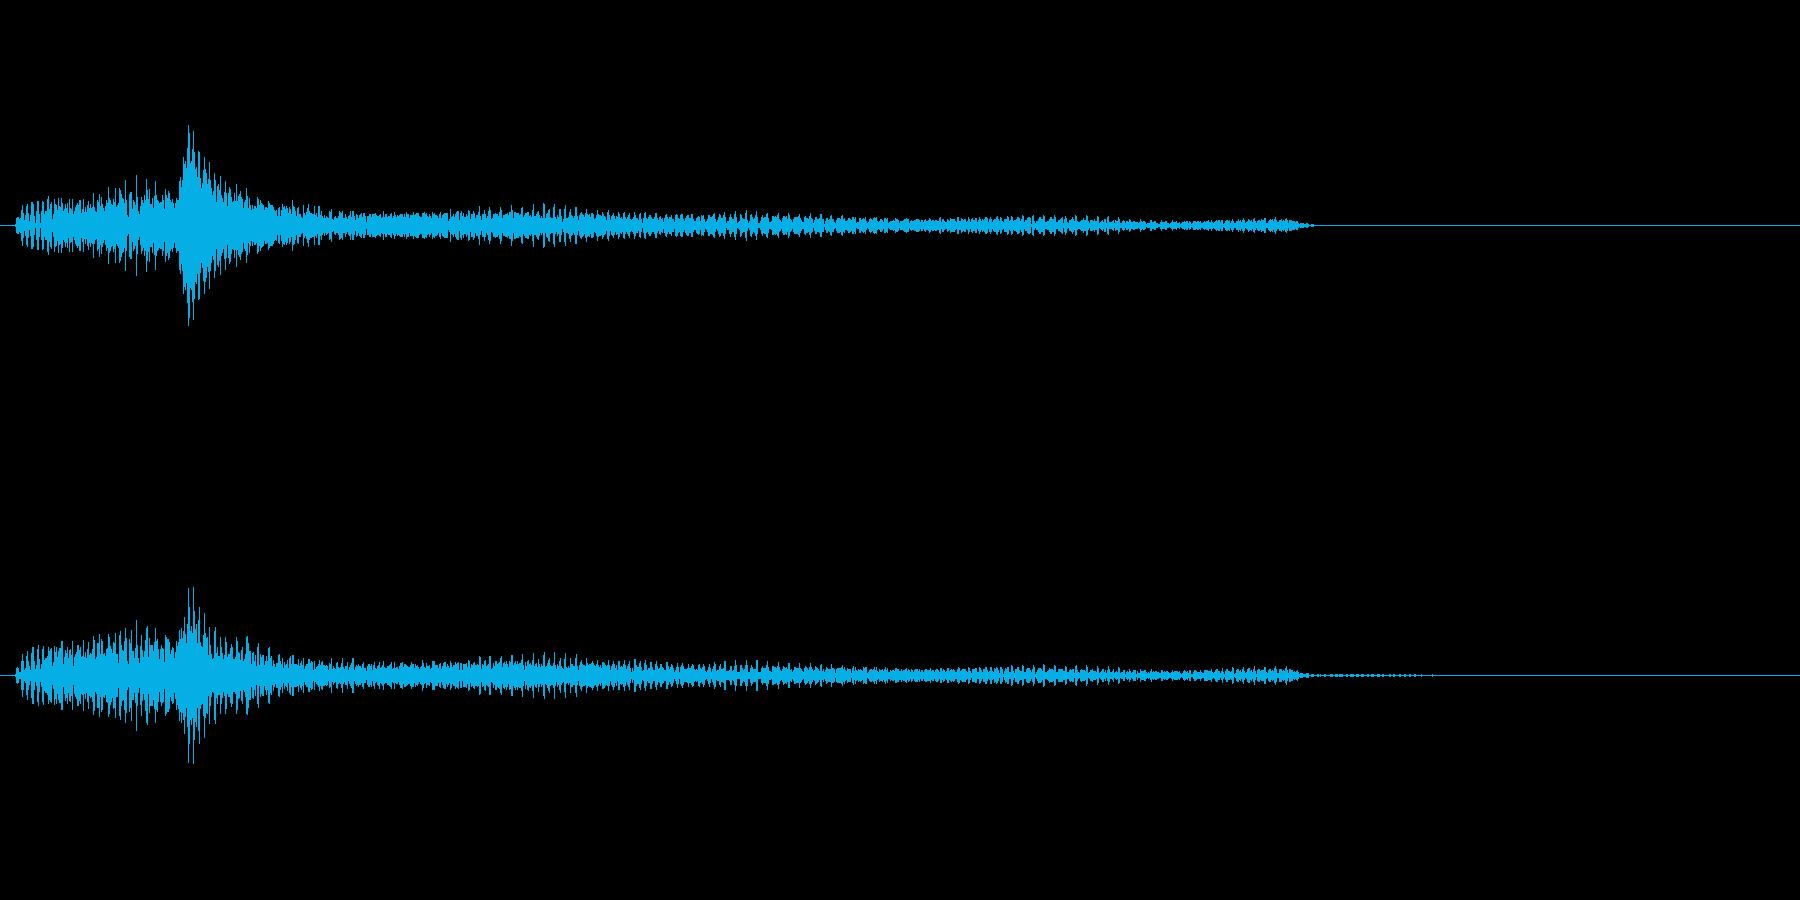 ポロロロン(ハープの低めグリス↑)の再生済みの波形